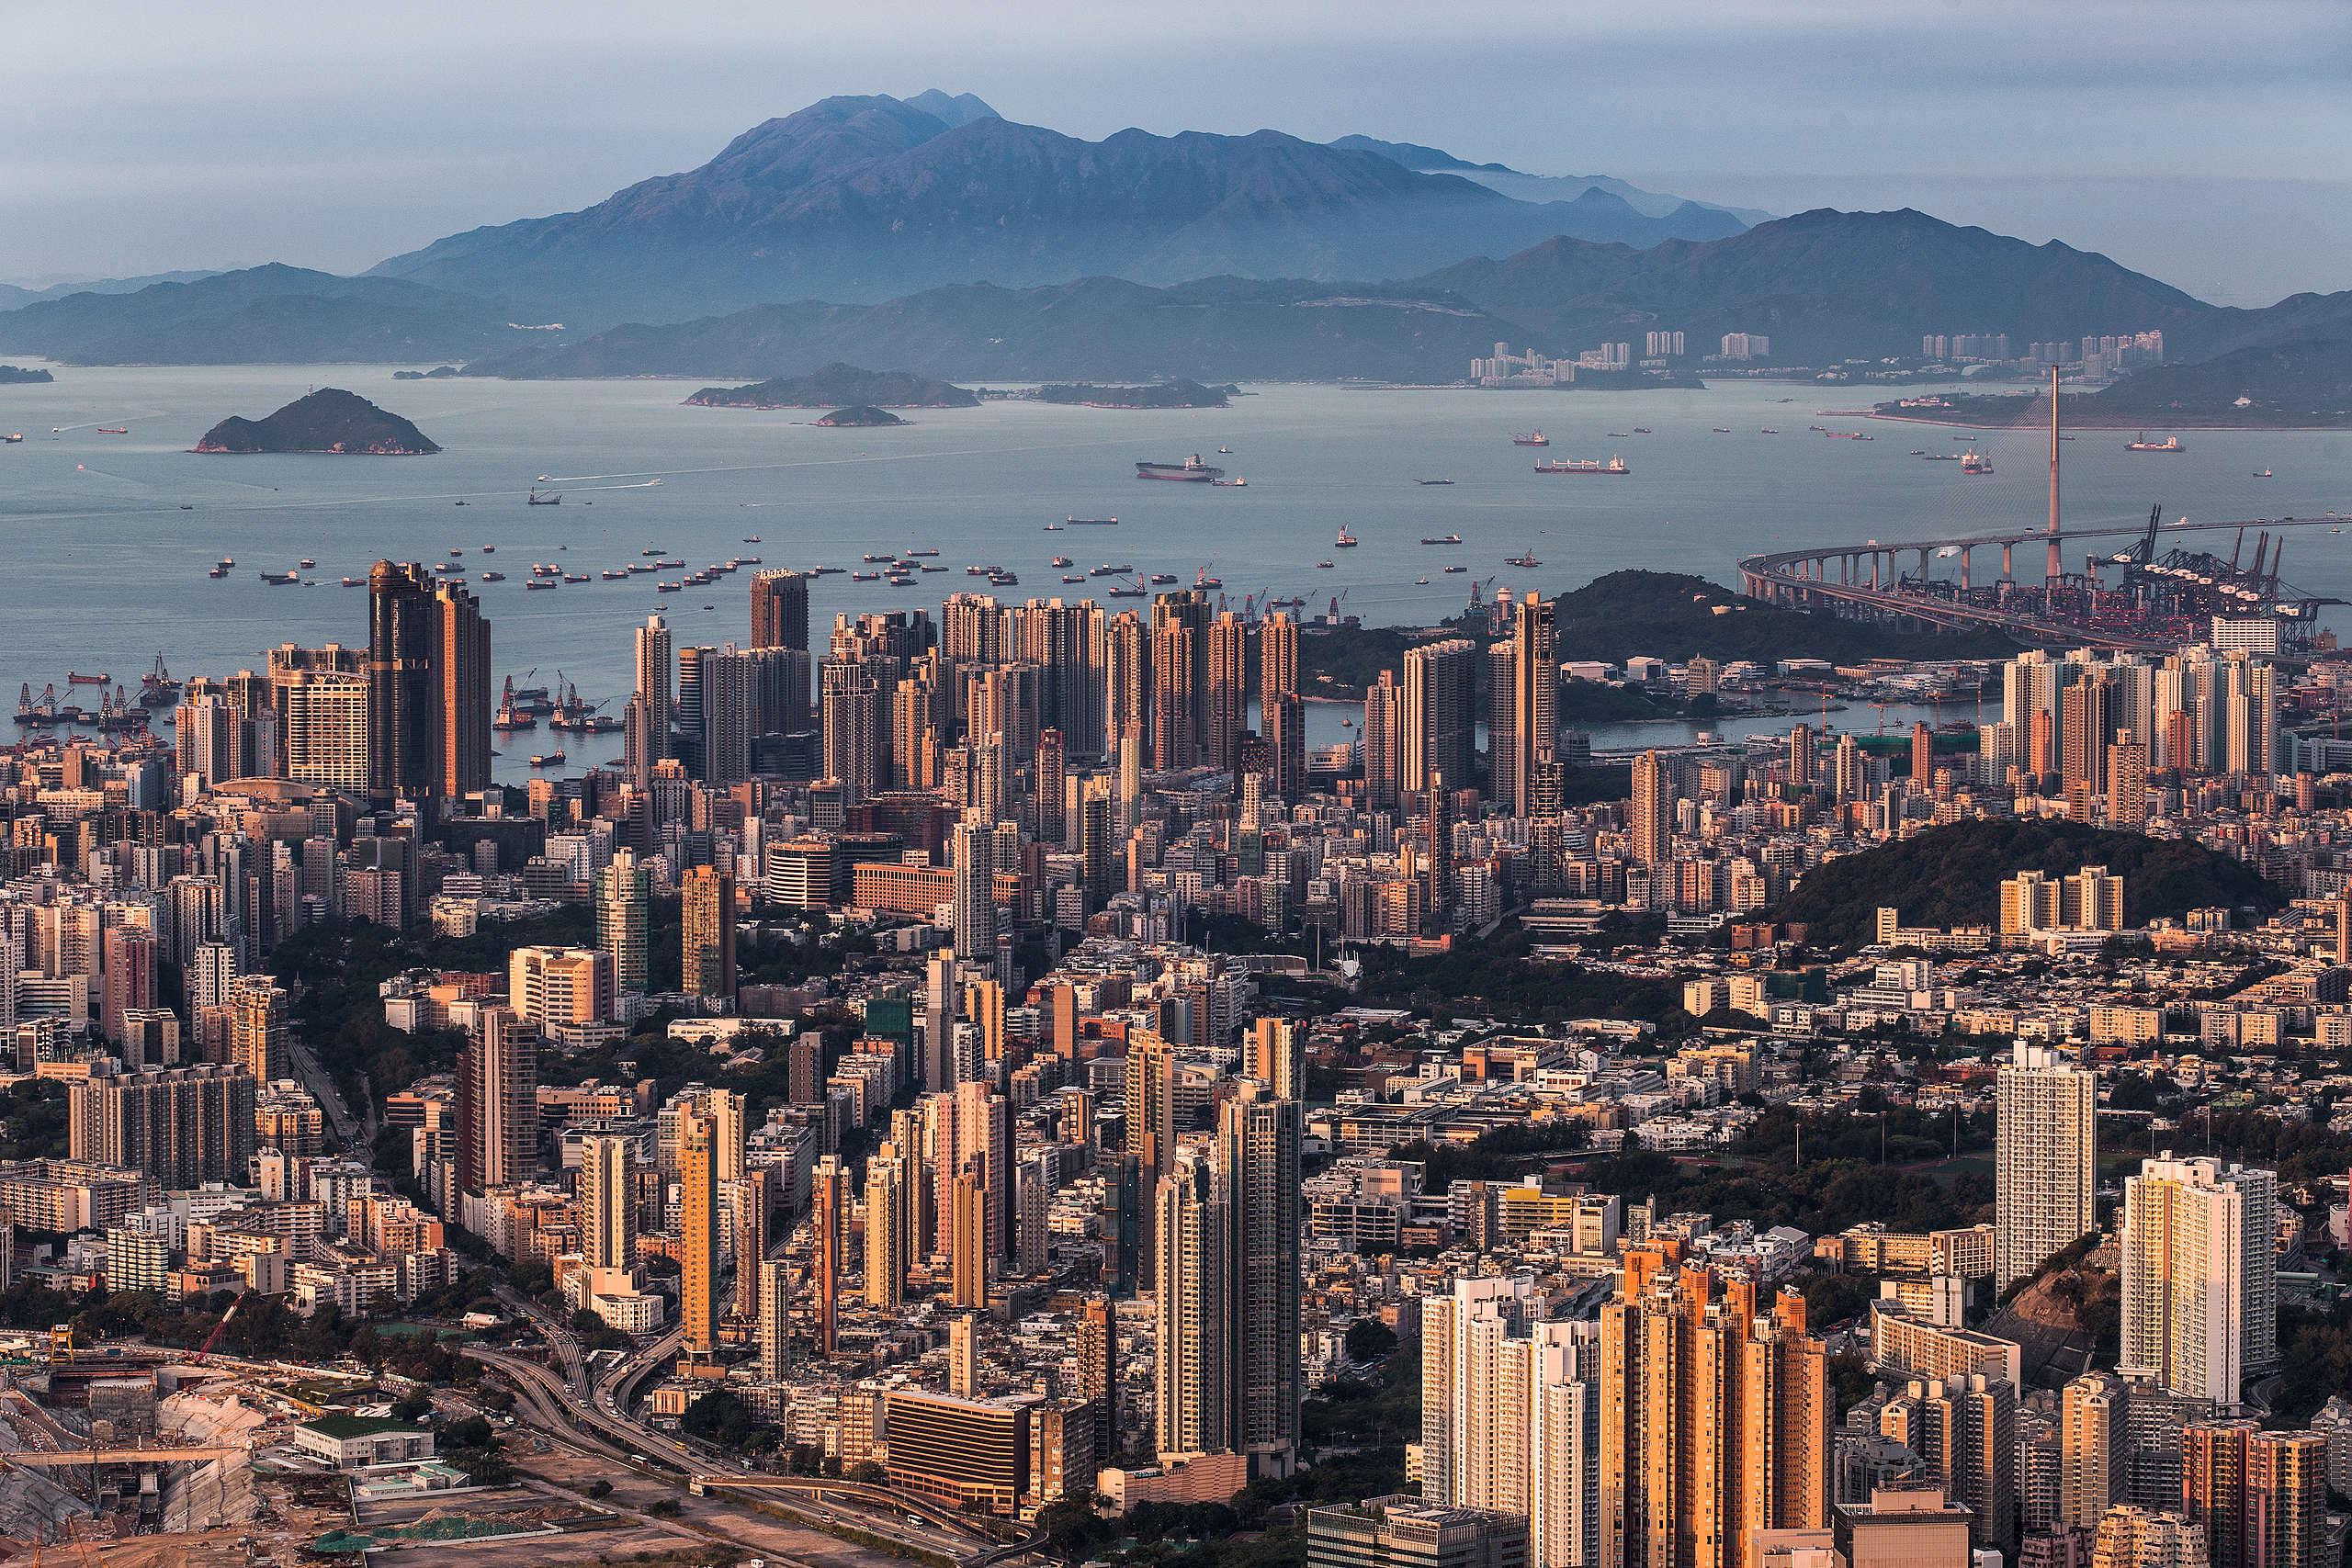 從飛鵝山觀景台遠眺大嶼山。(1/30s F9 ISO100)© Kelvin Yuen